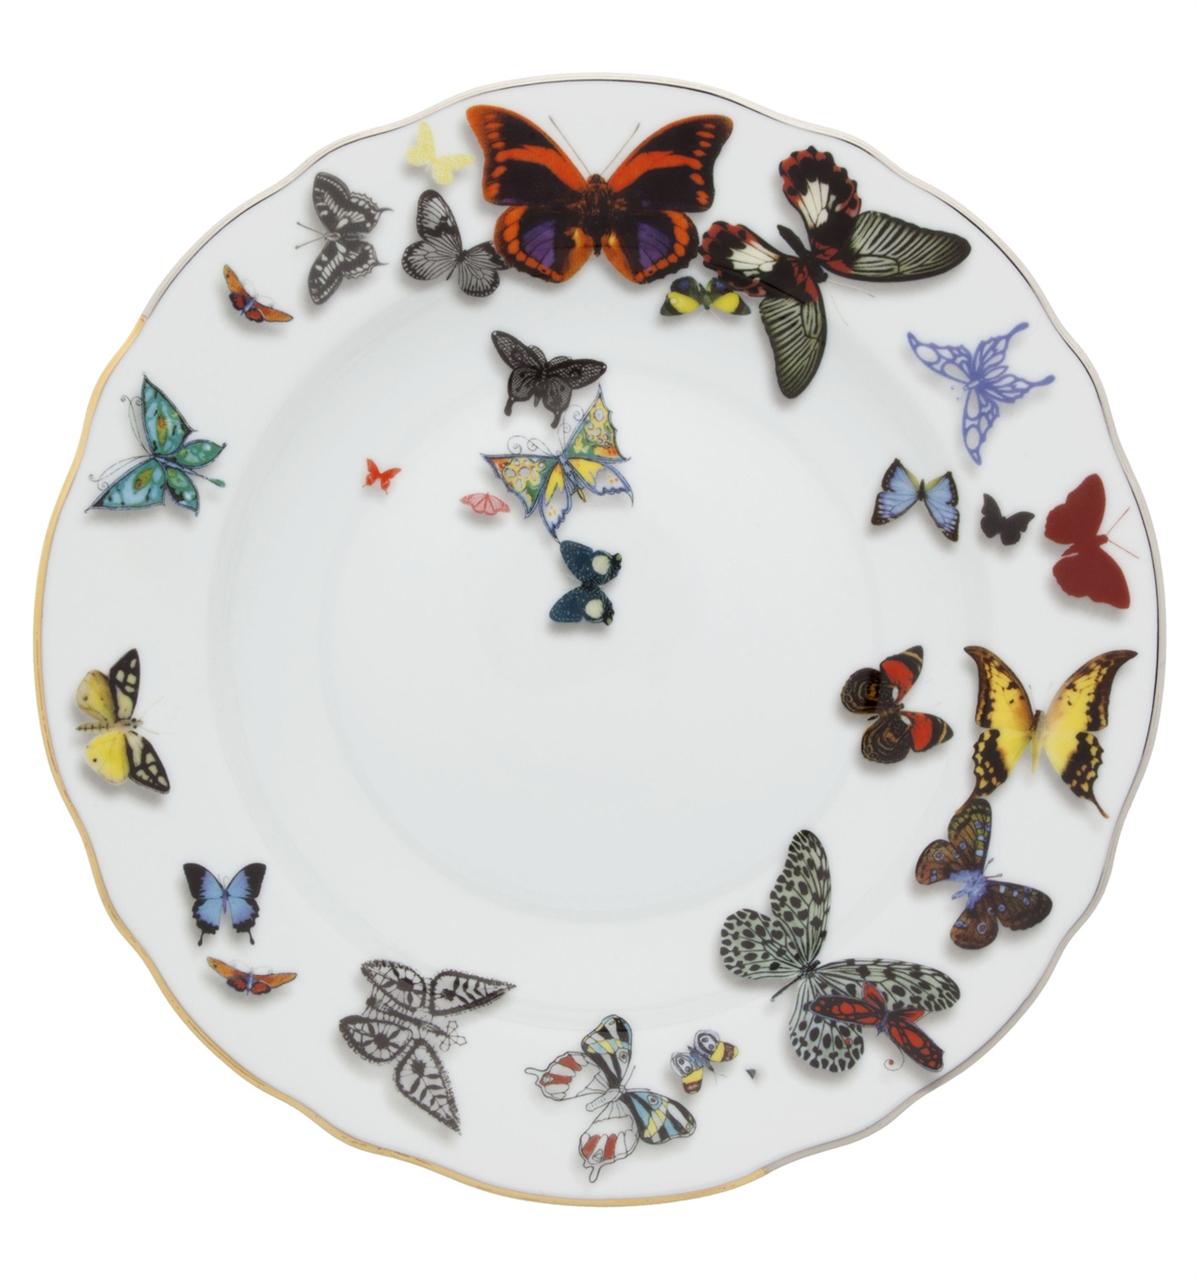 Vista Alegre Collection Butterfly soup plate by Christian Lacroix  sc 1 st  Newformsdesign & Vista Alegre Collection Butterfly soup plate by Christian Lacroix ...